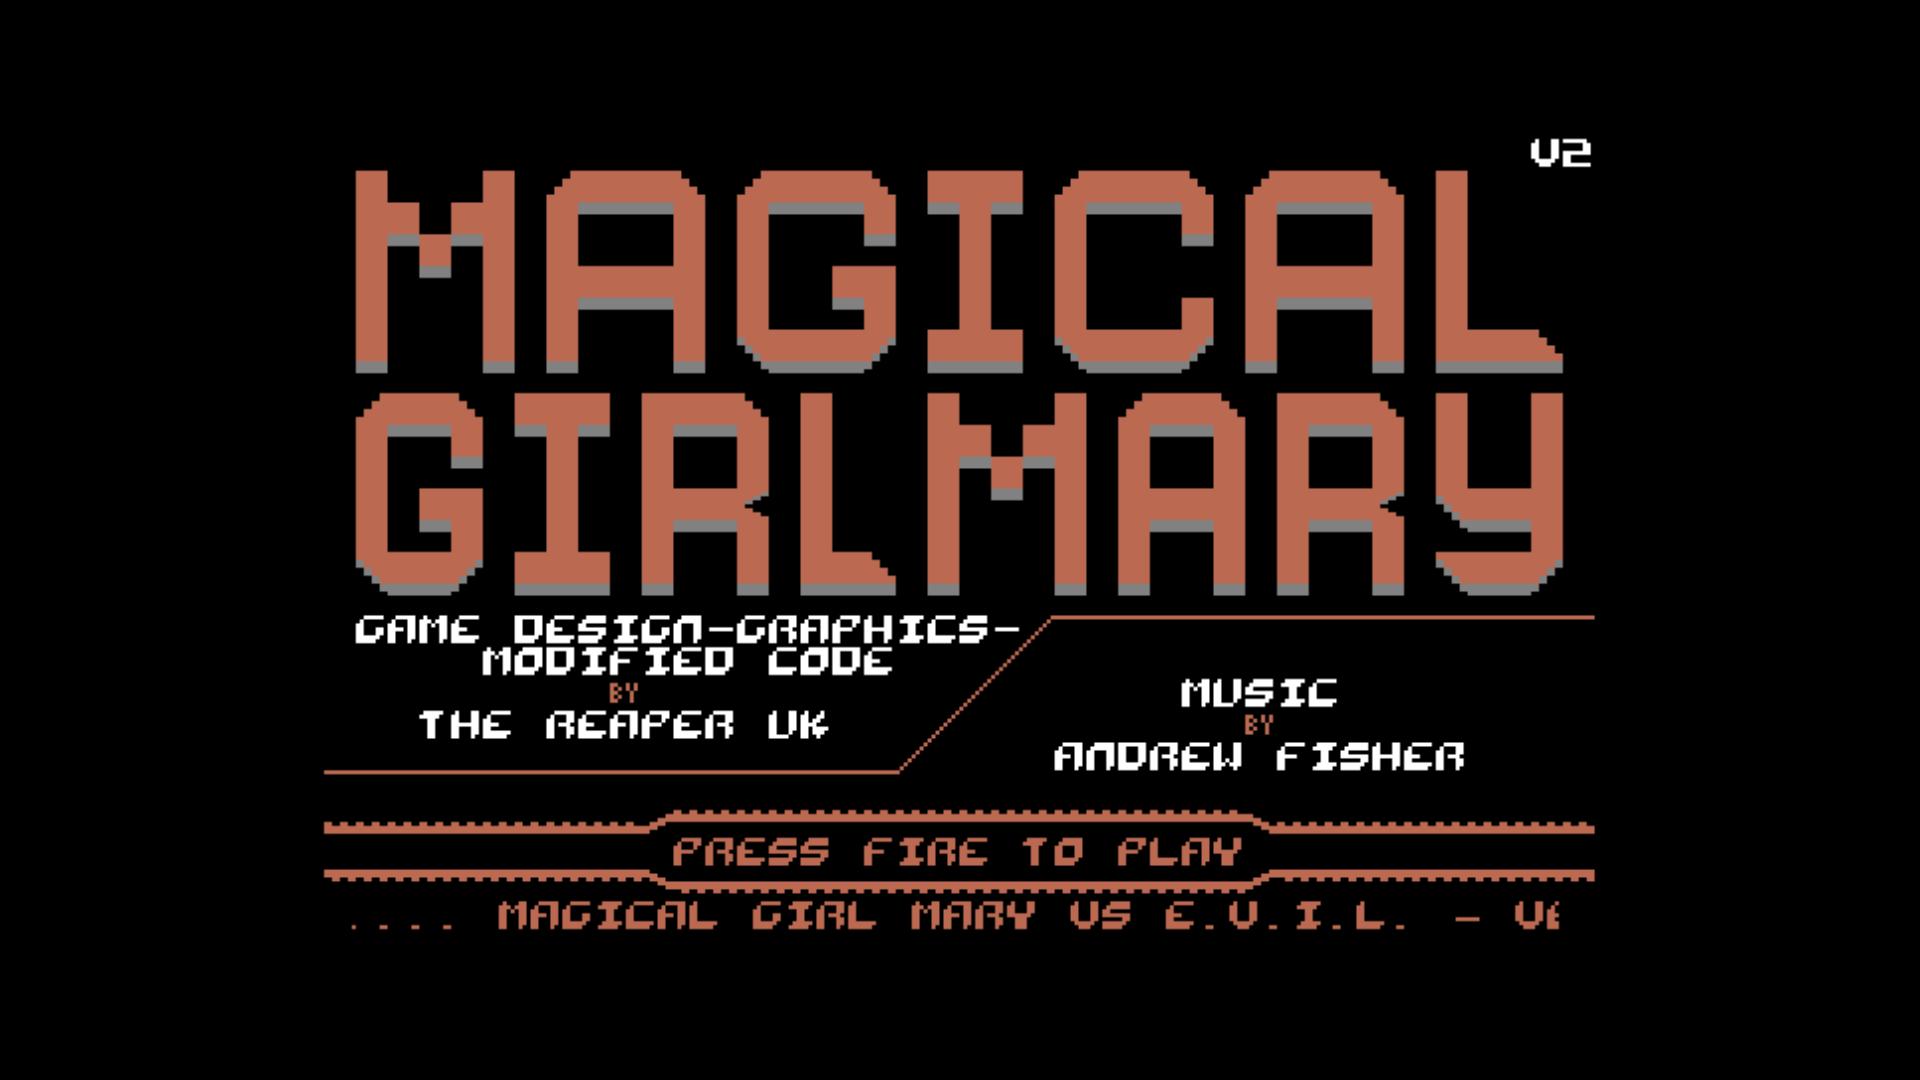 Magical Girl Mary VS E.V.I.L. V2 (C64)